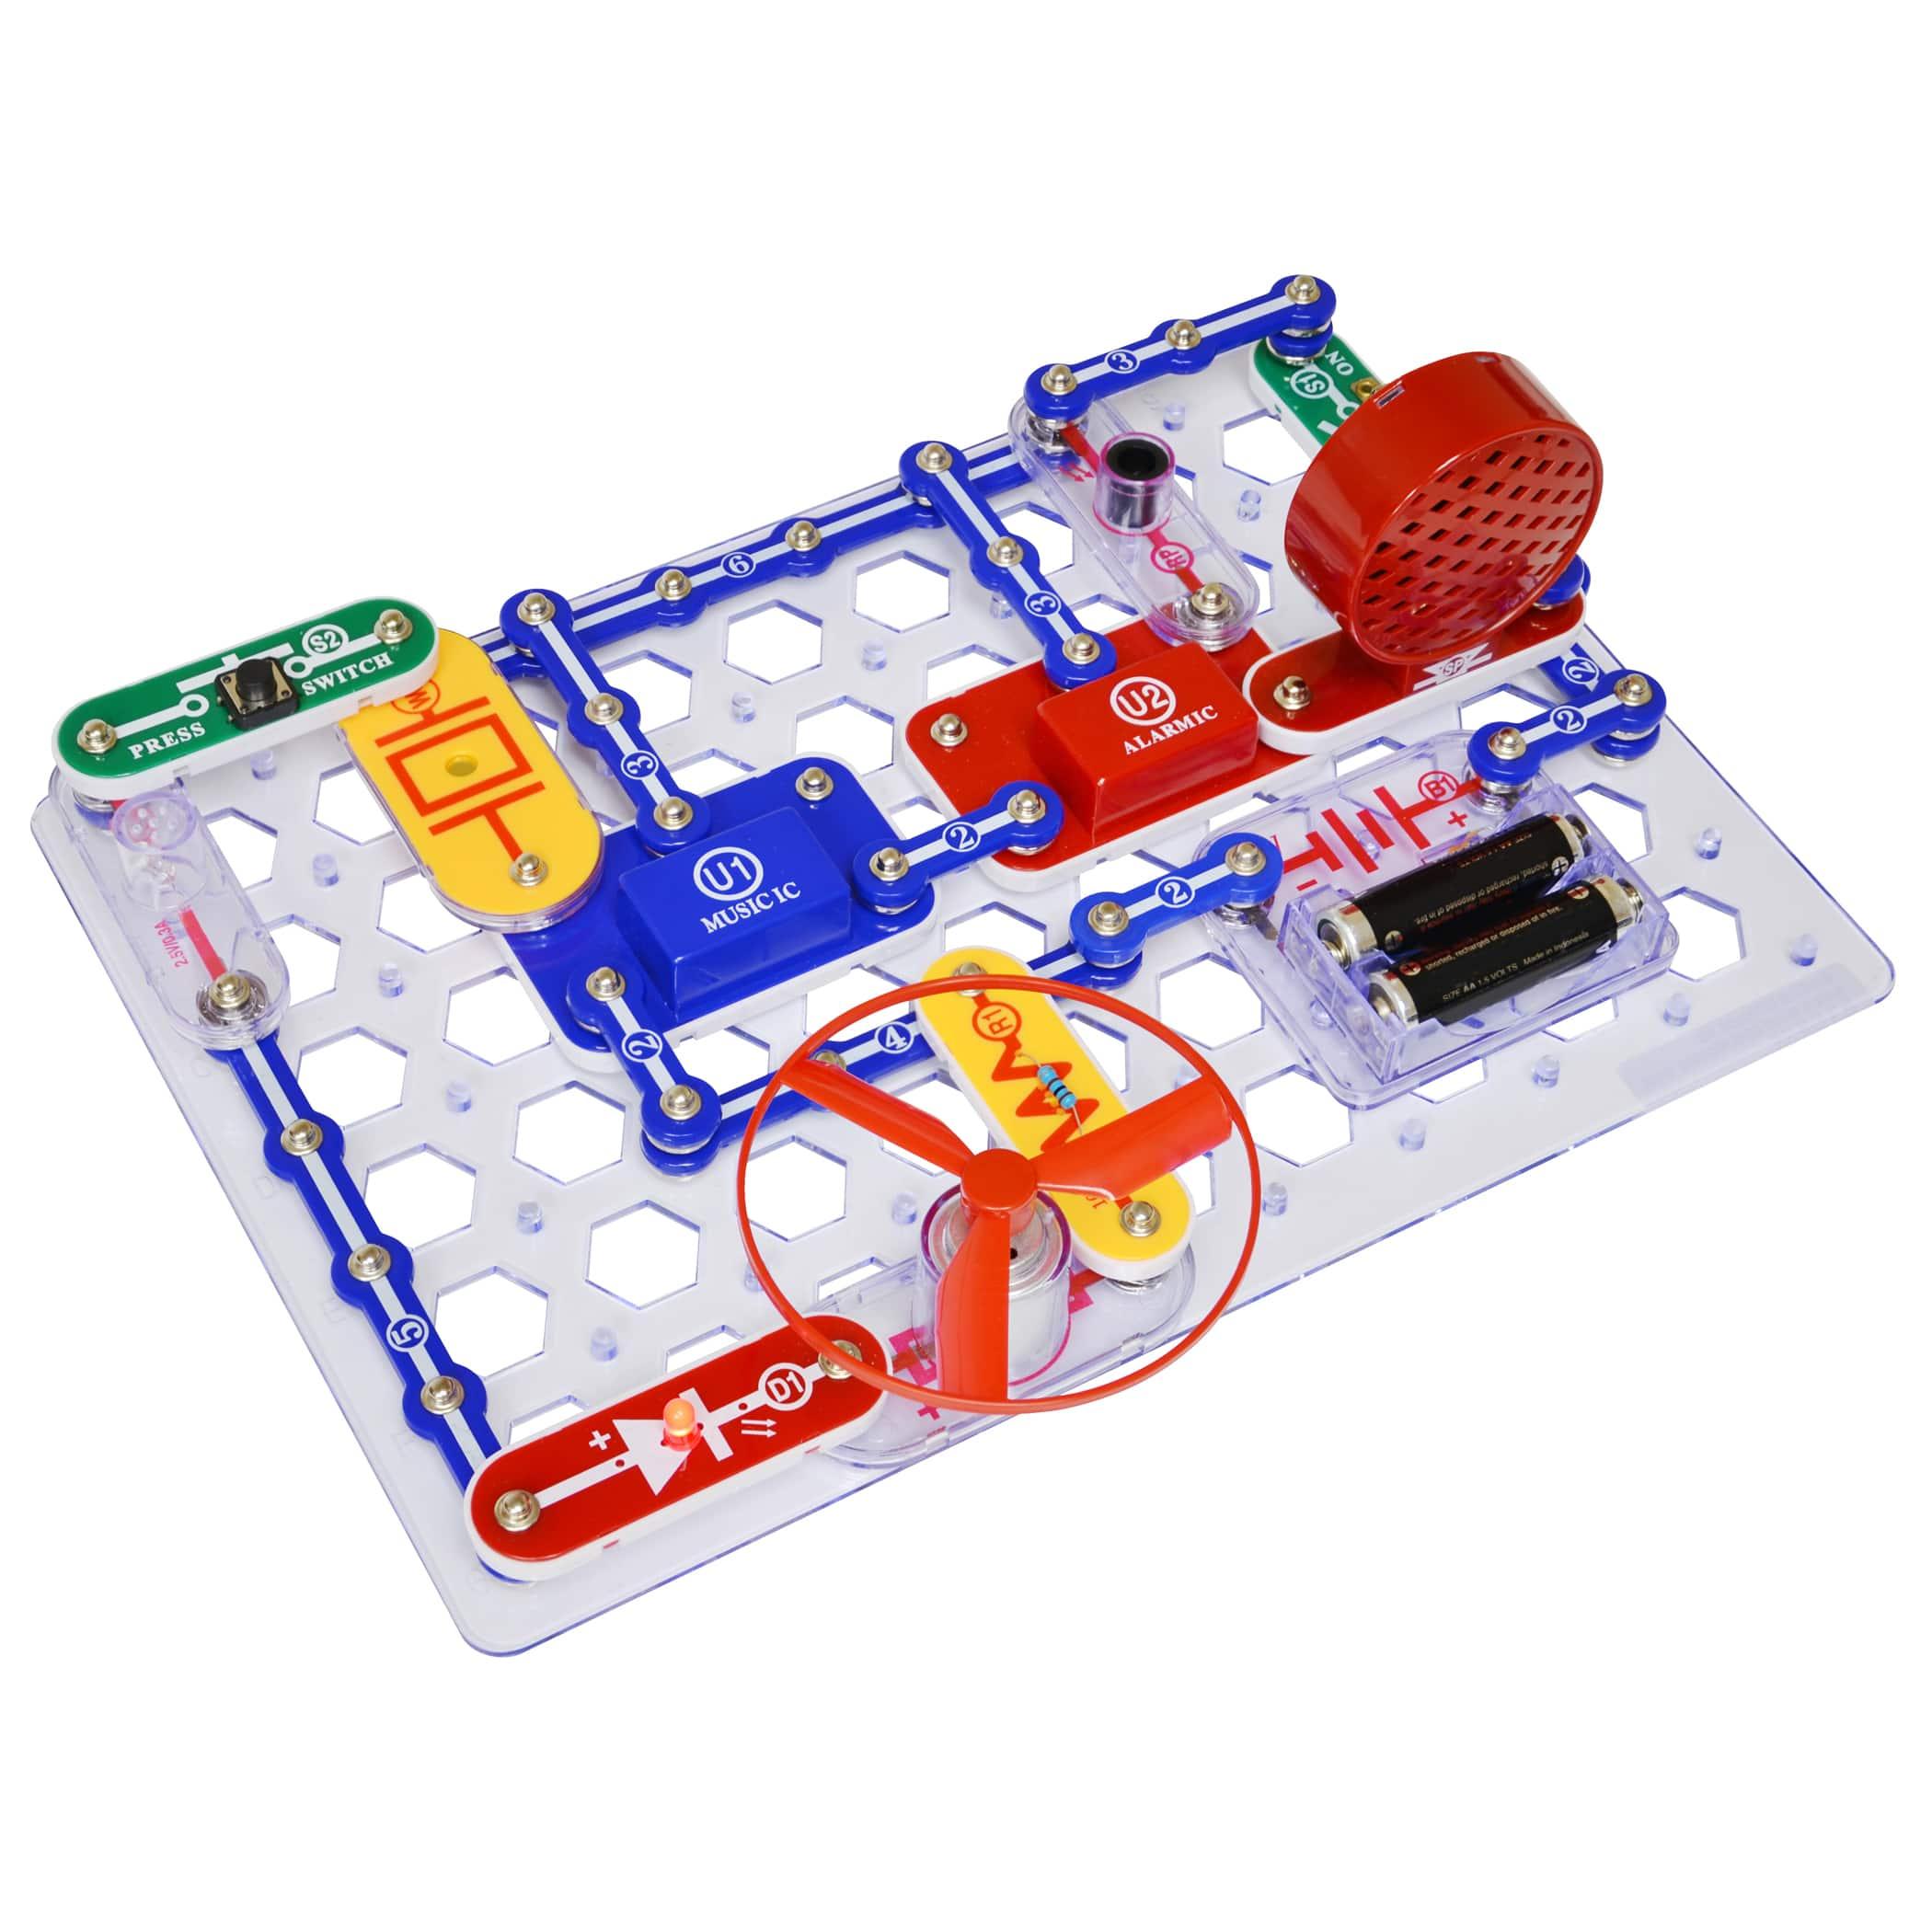 snap circuits jr 100 experiments rh michaels com